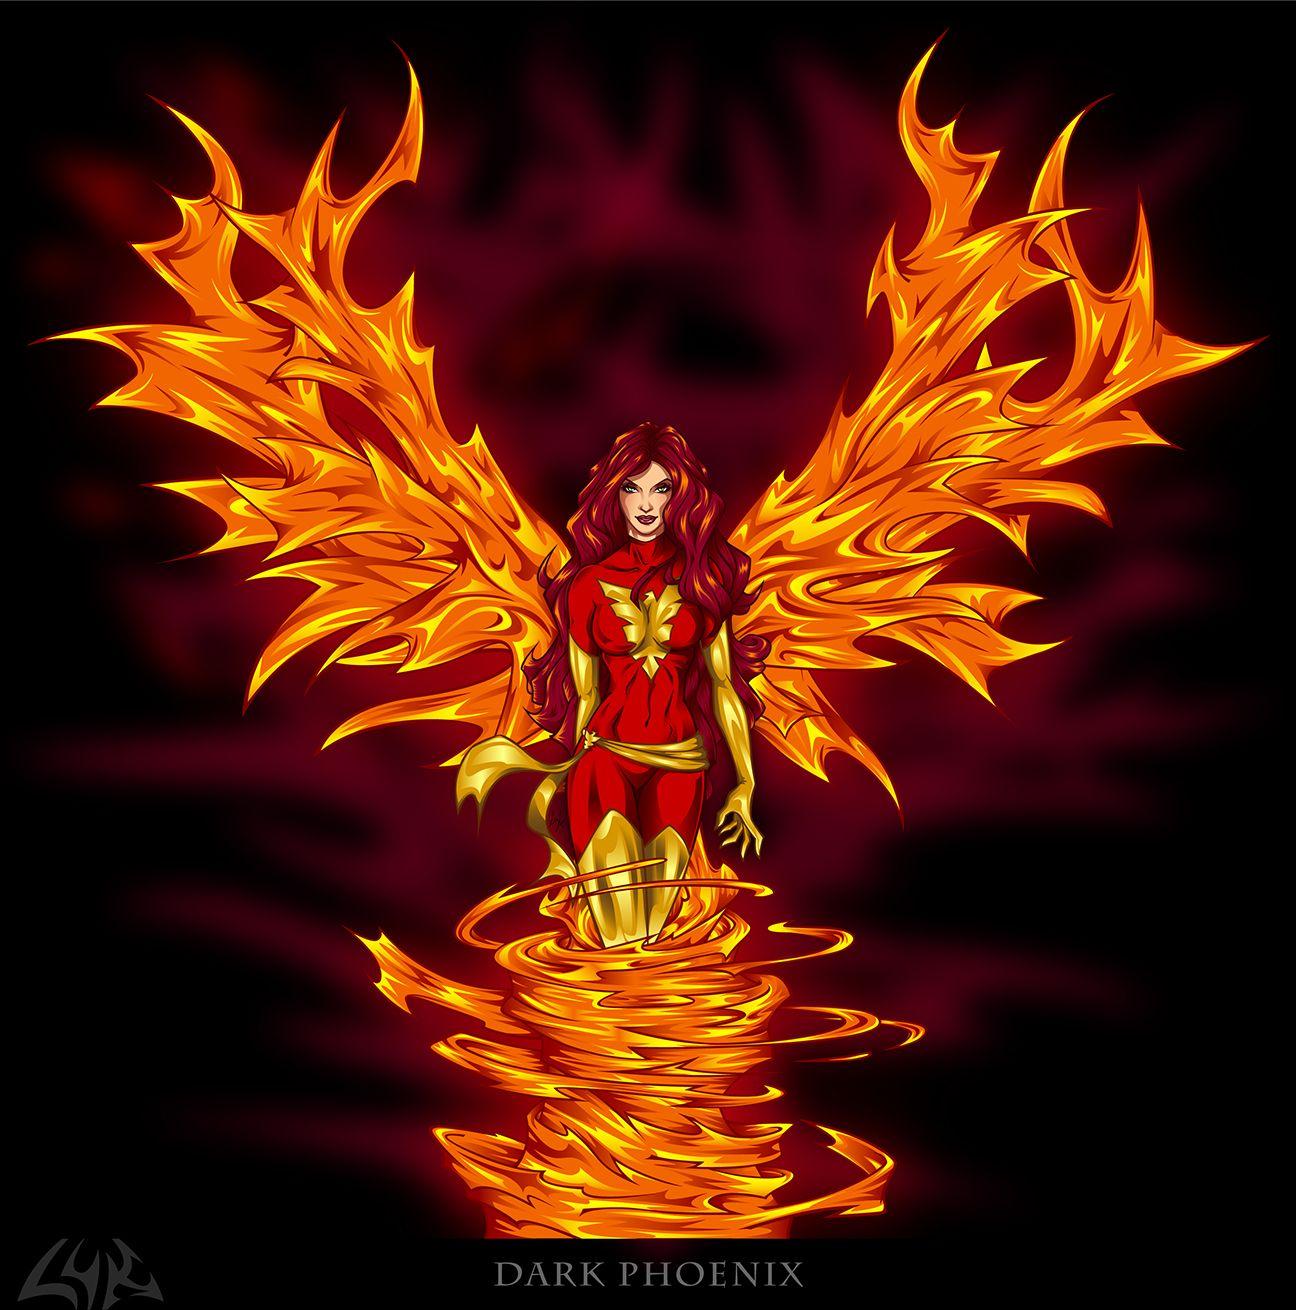 http://fc00.deviantart.net/fs70/f/2013/187/0/6/dark_phoenix___full_by_rehsurc-d3j3xqu.jpg